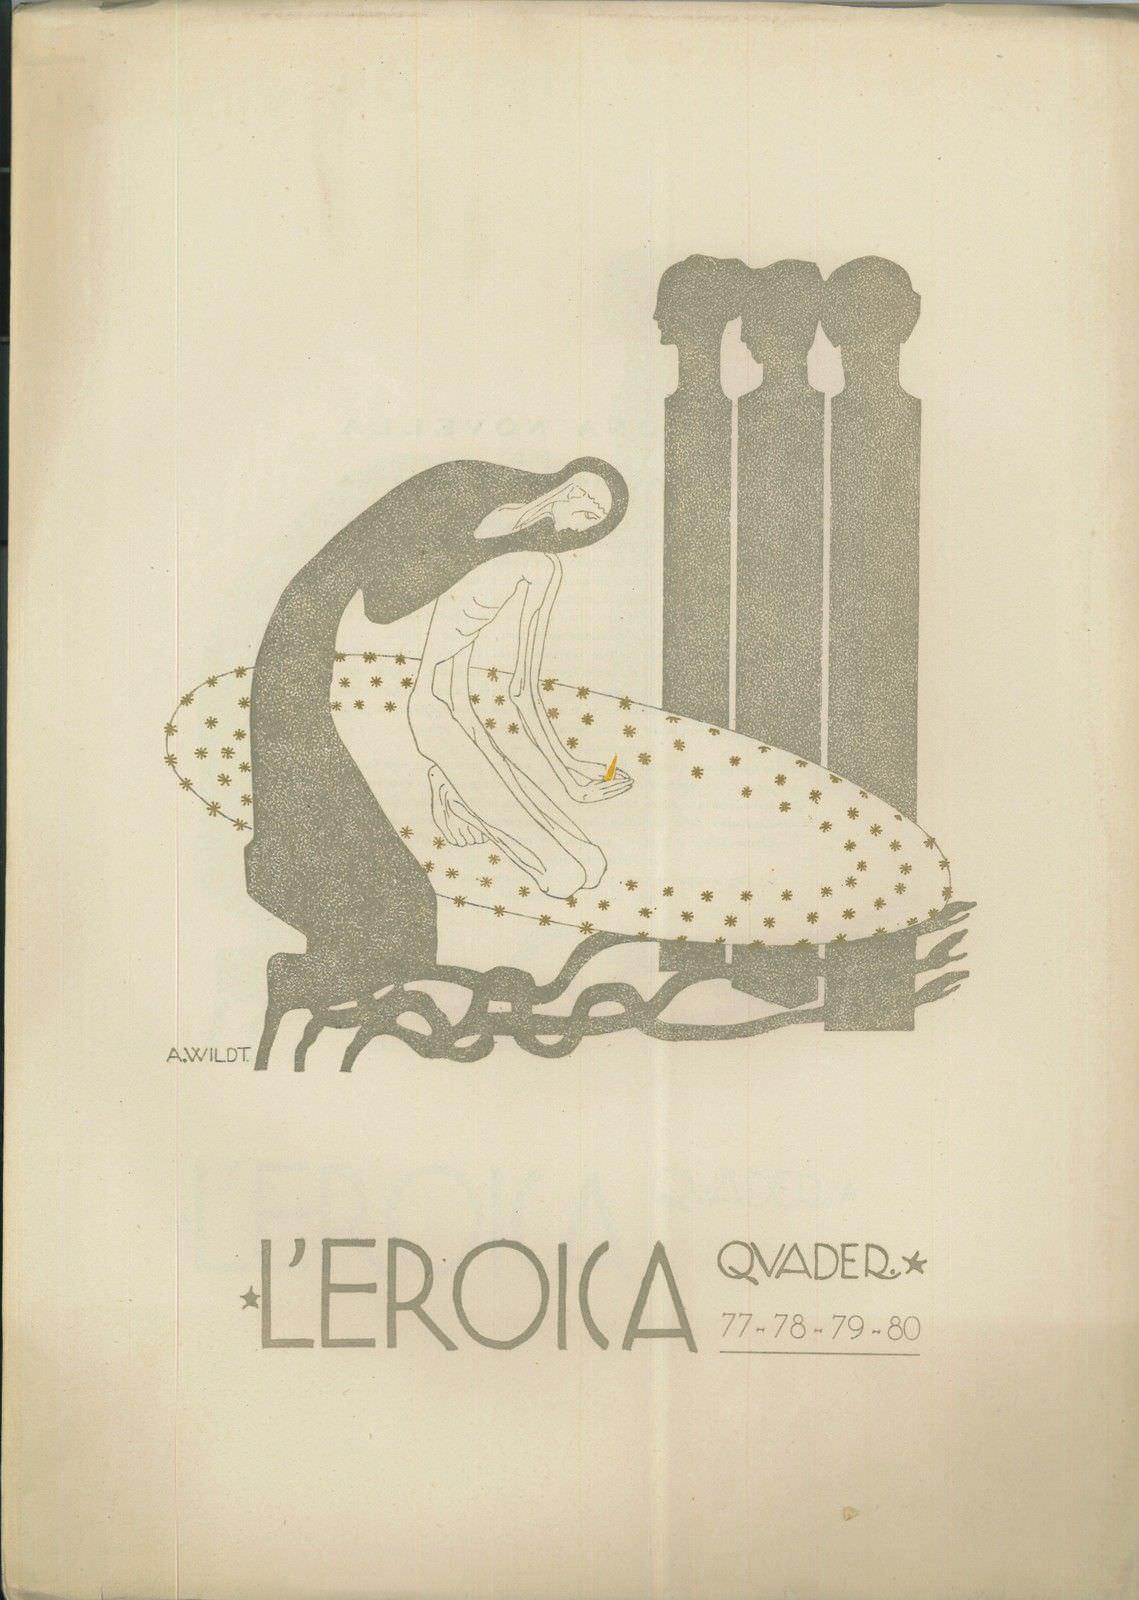 Eroica 77